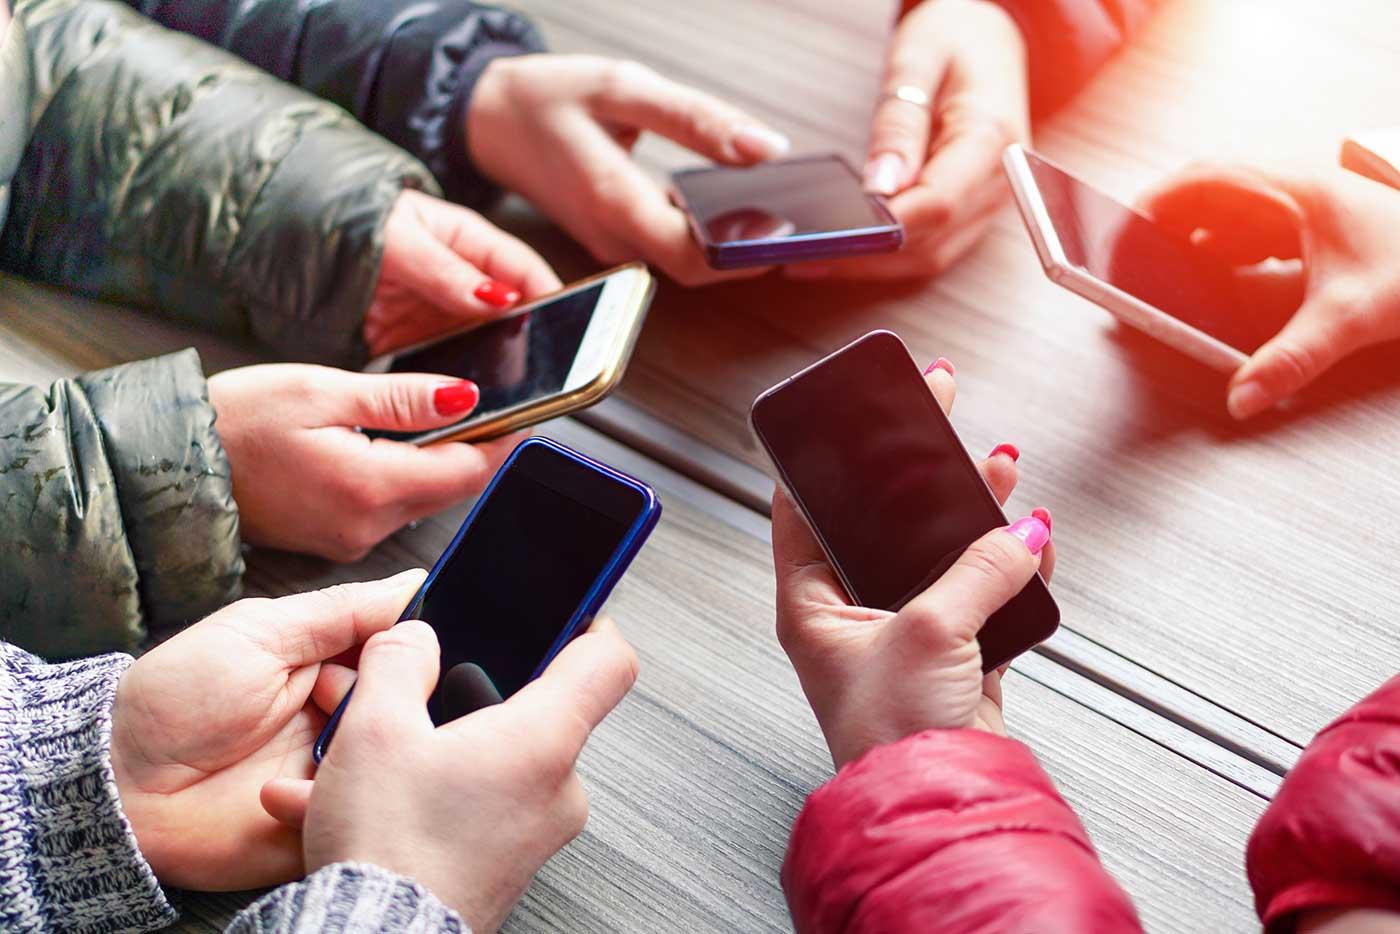 смартфоны и люди картинки год начала